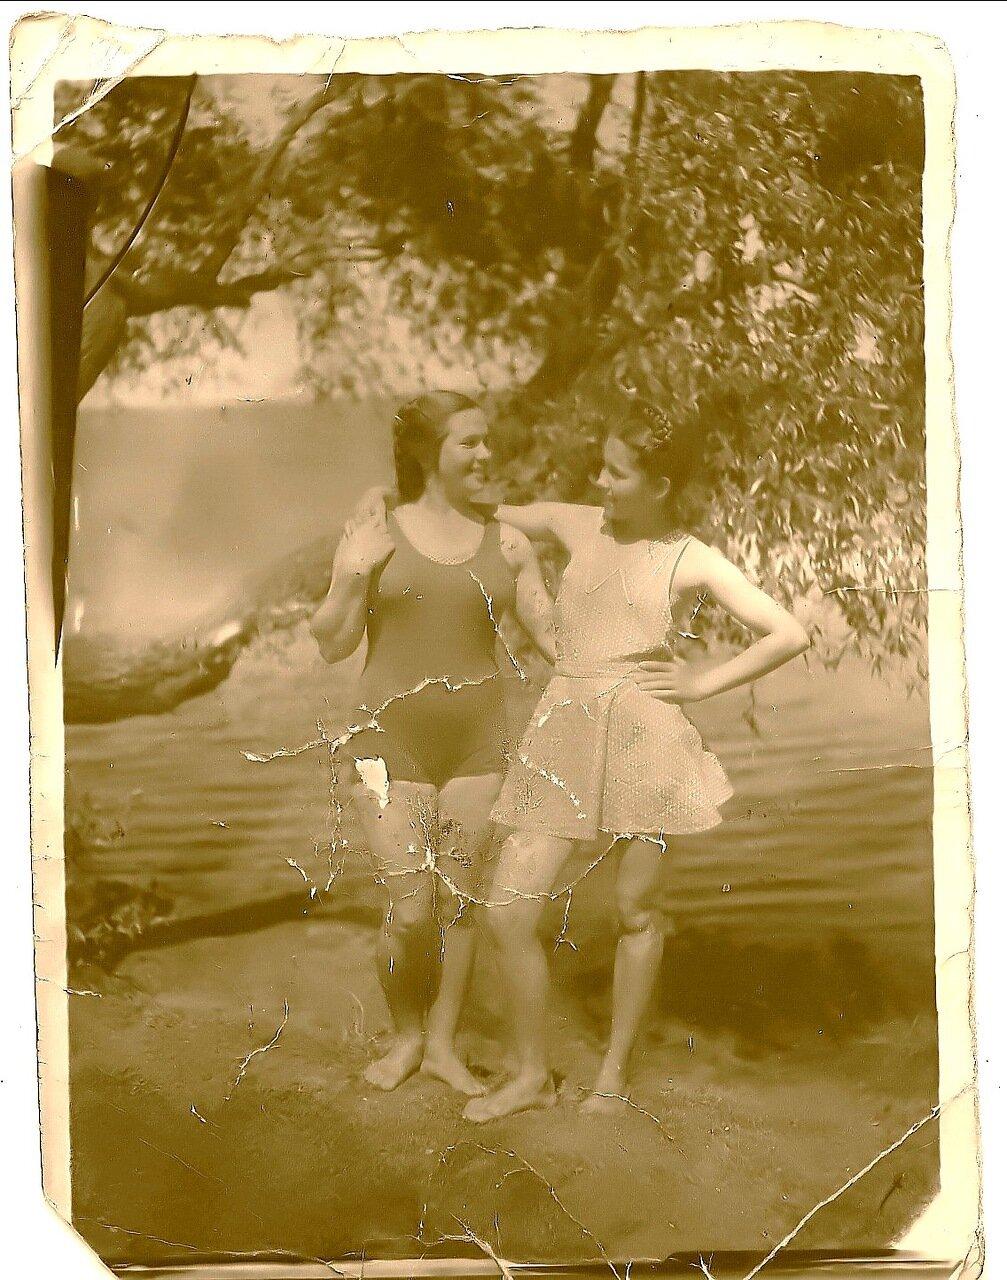 1951. Батмановка. Пионерский лагерь. Светлана и Лида